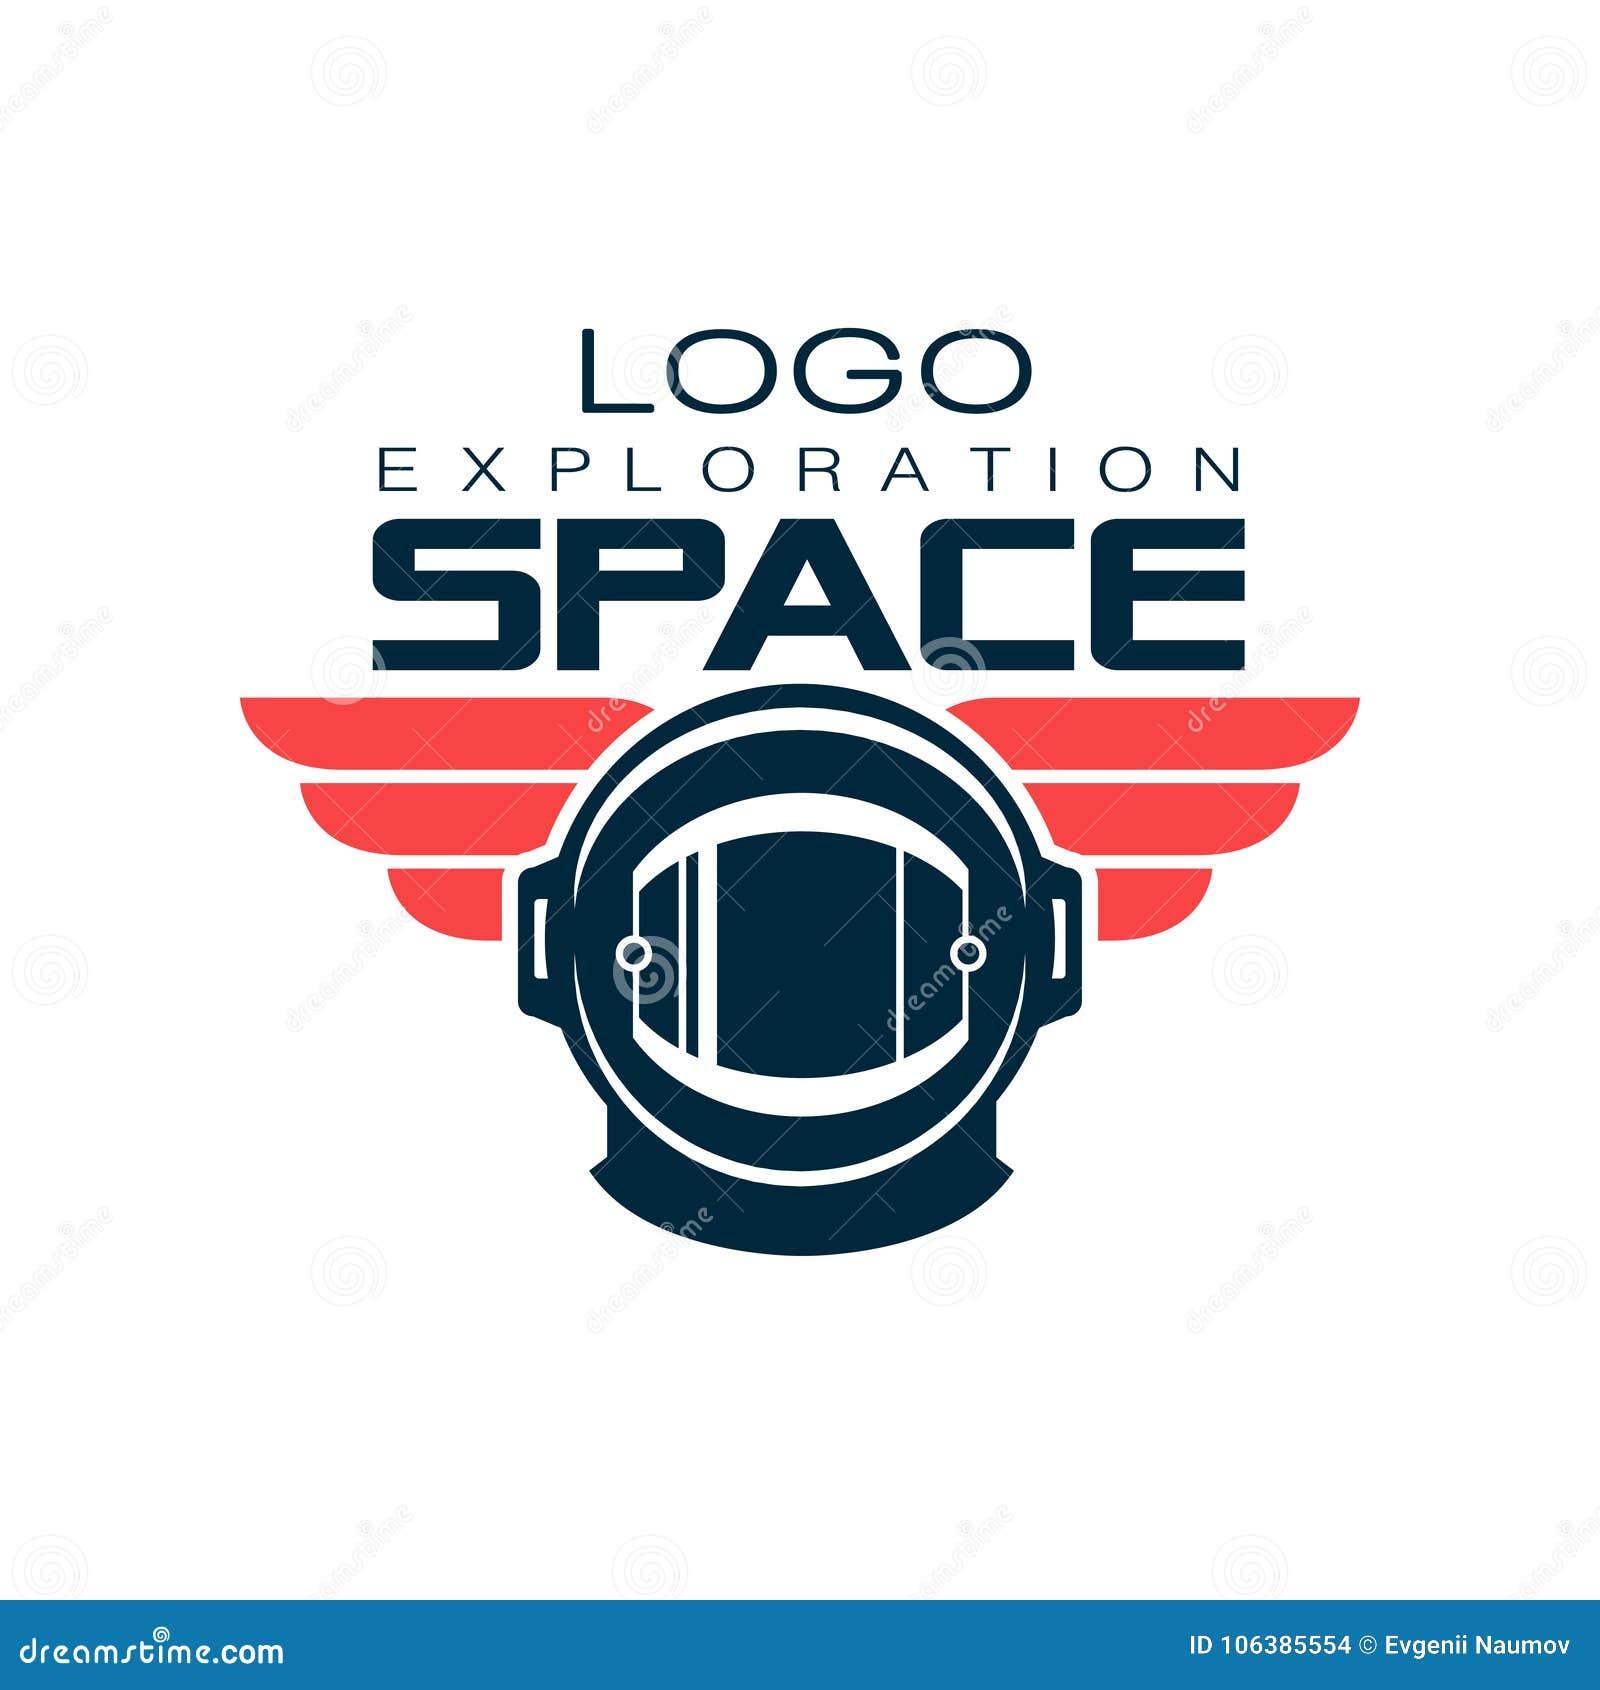 Astronauta ` s hełma ochronny logo Eksploracja przestrzeni kosmicznej Pozaziemska podróż Kreatywnie etykietka w mieszkanie stylu